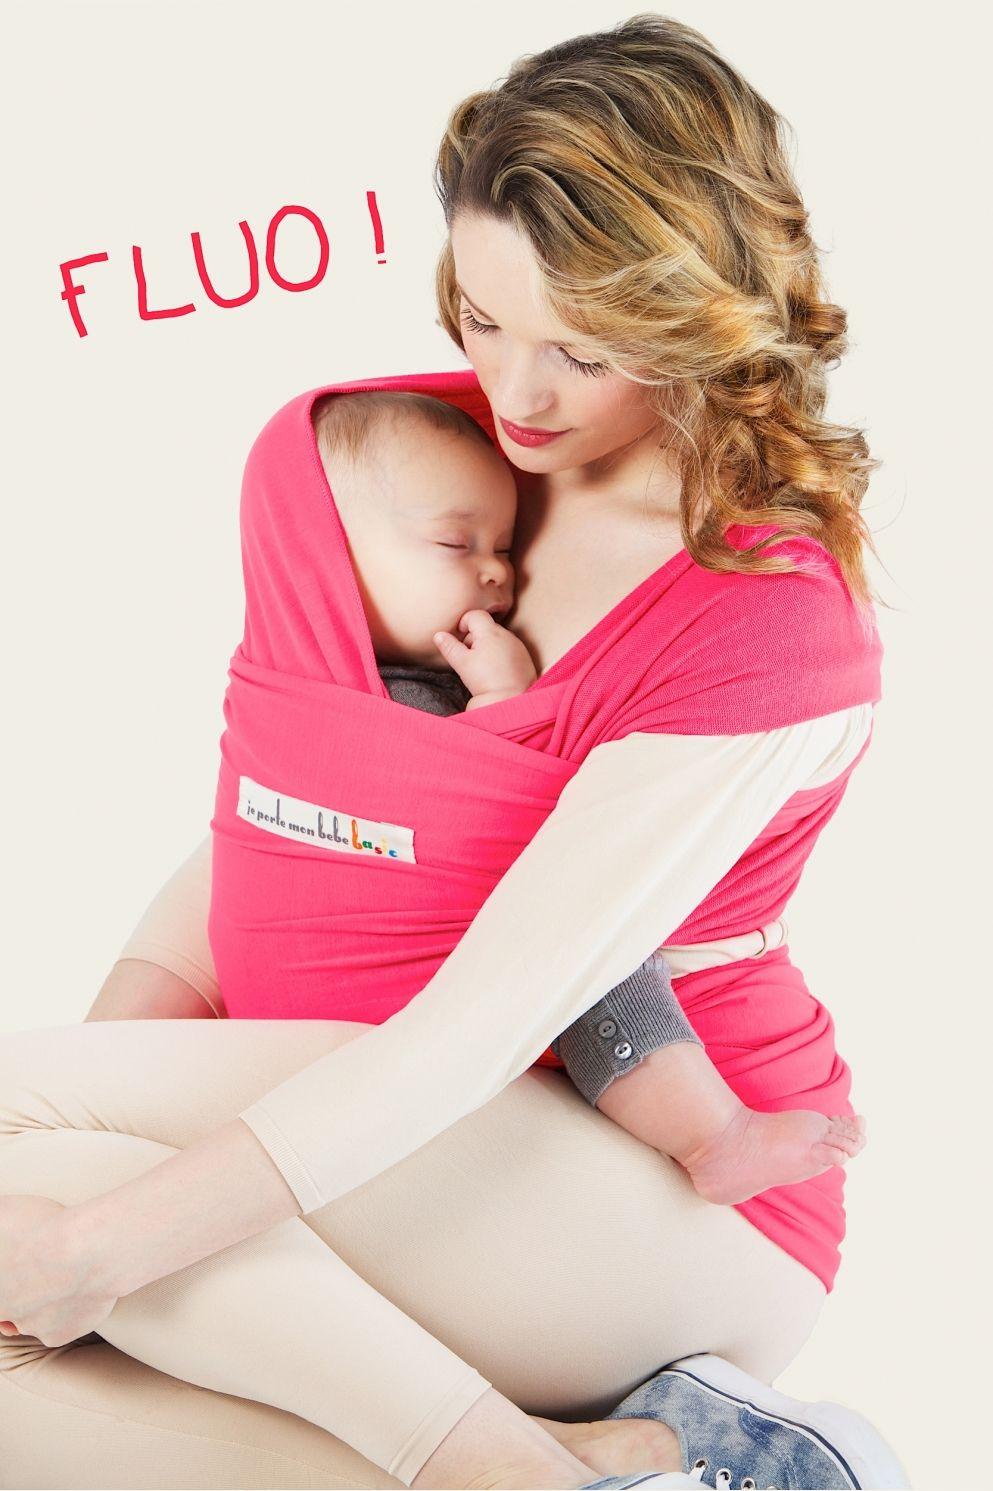 echarpe de  portage jpmbb couleur fluo rose pour etre dans l air du temps  grâce à  bebe bd52821ce06